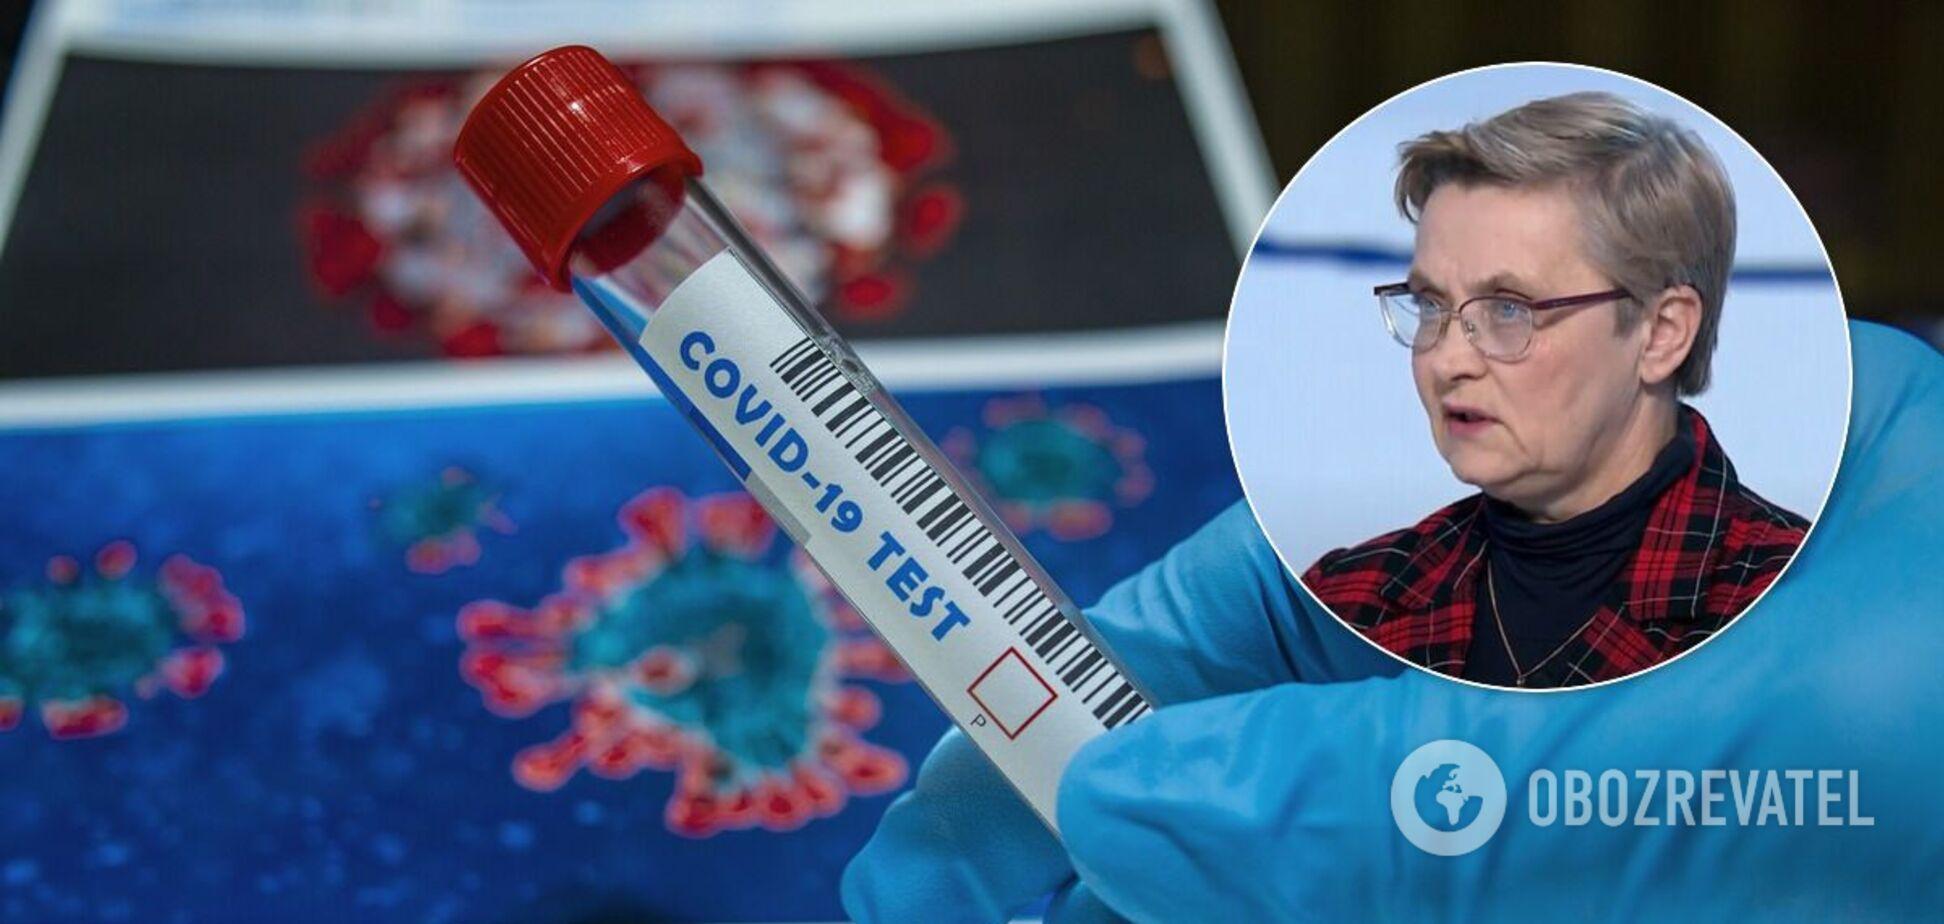 Антитела к коронавирусу